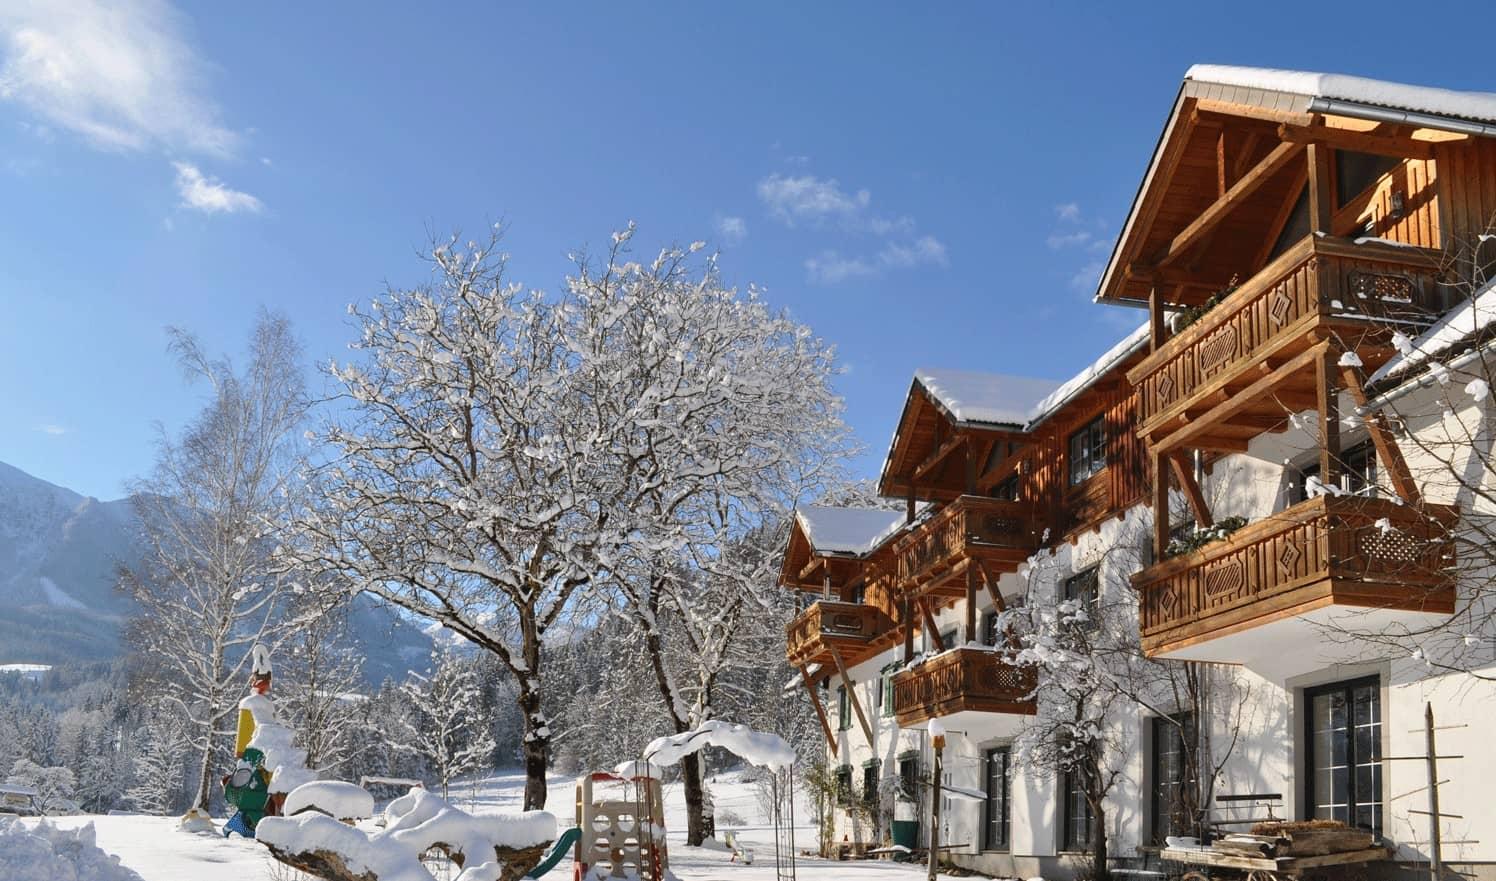 Winterwonderland beim Urlaub mit Kindern in der Pyhrn-Priel-Region - Ferienhotel Gut Enghagen